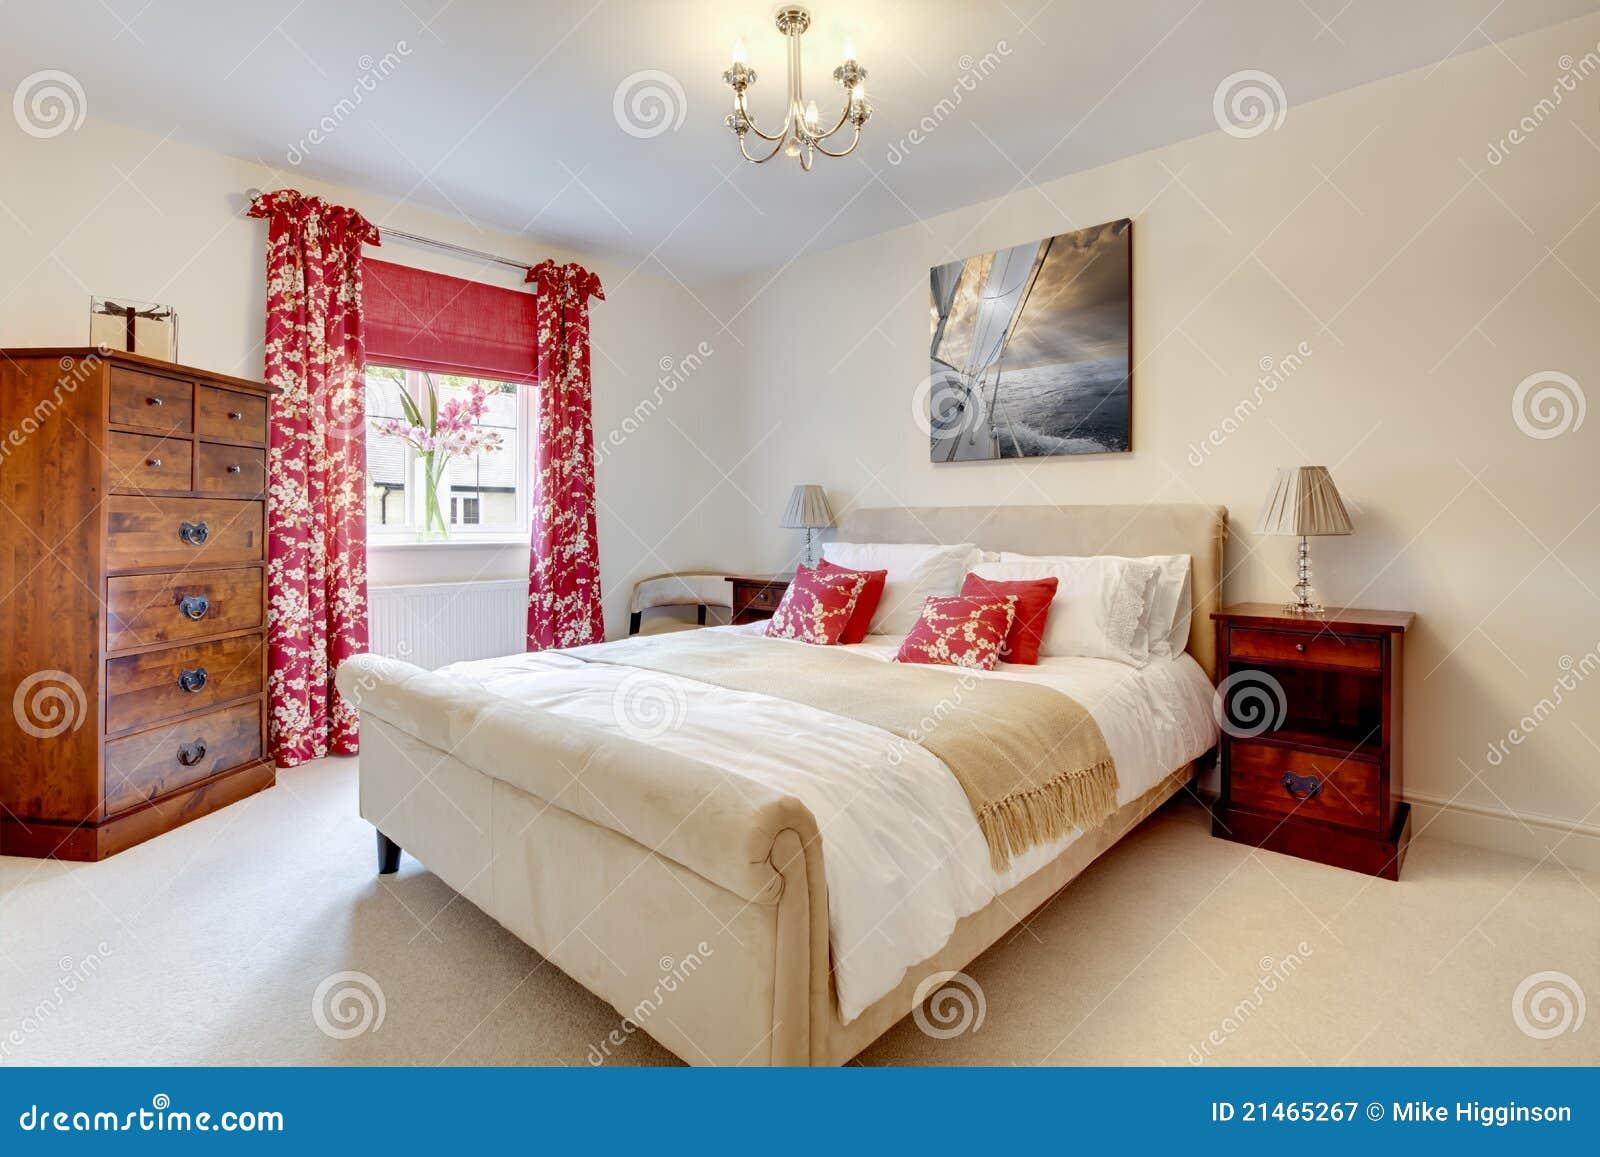 Lampade camera da letto moderna idee di design nella - Idee camera da letto moderna ...